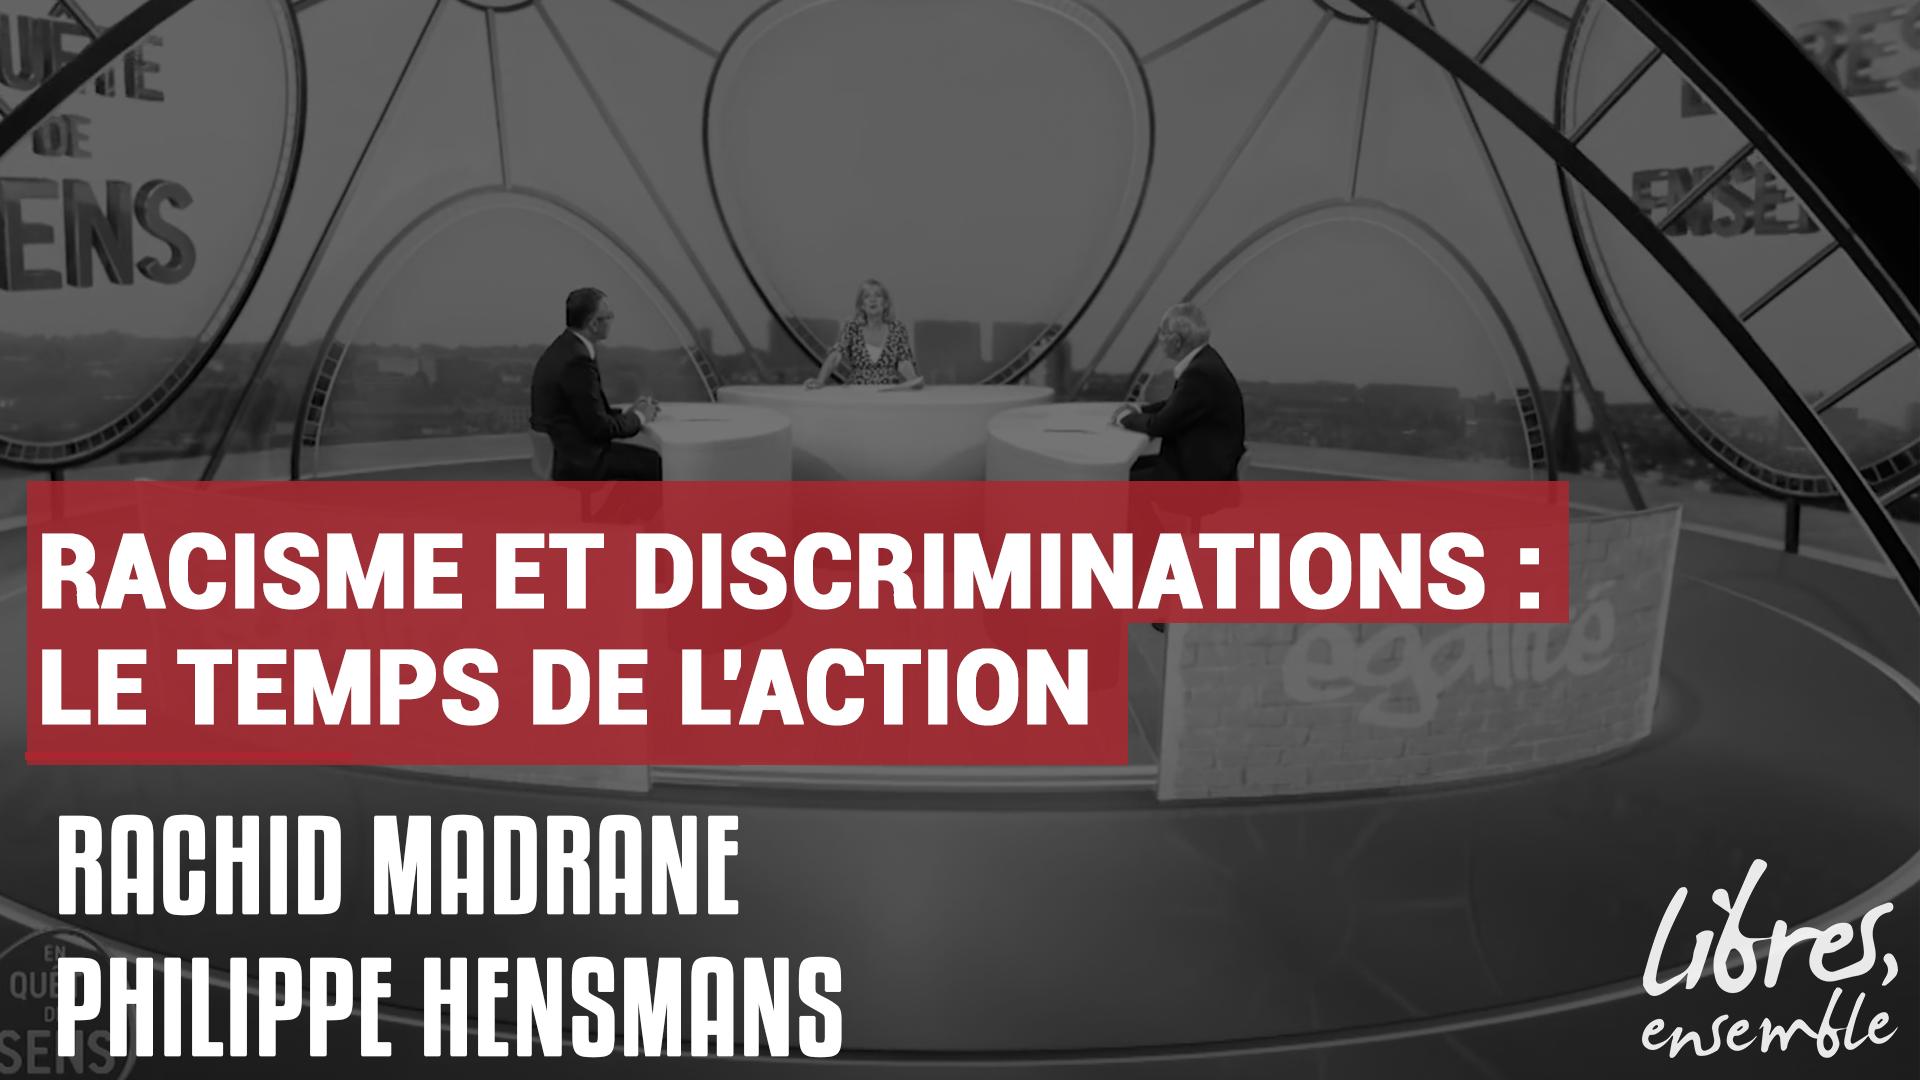 Racisme et discriminations : le temps de l'action